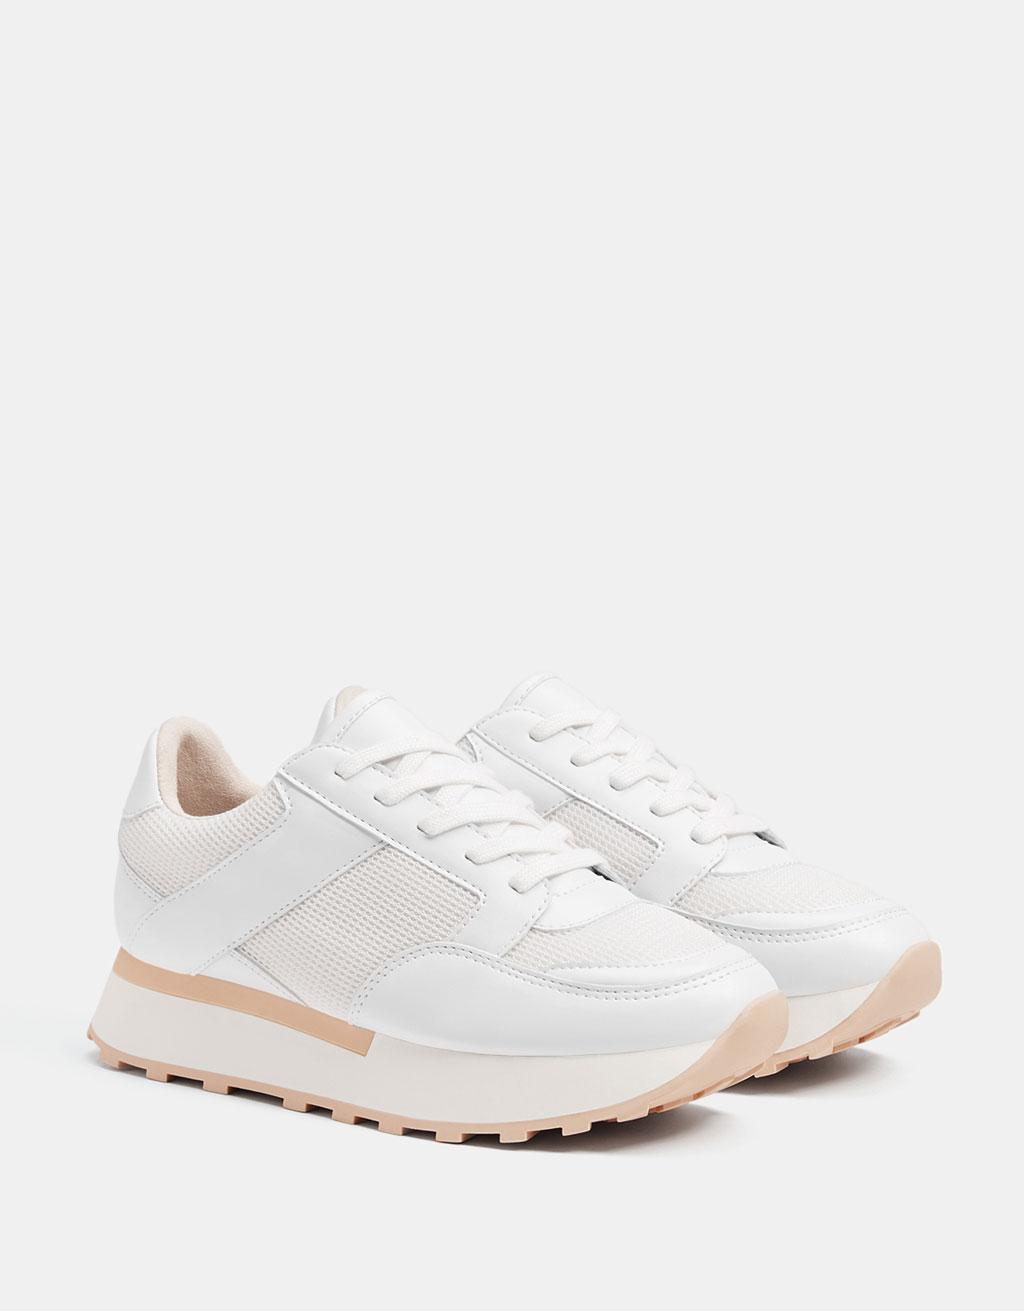 Kombinierter Sneaker in Weiß mit Plateau.